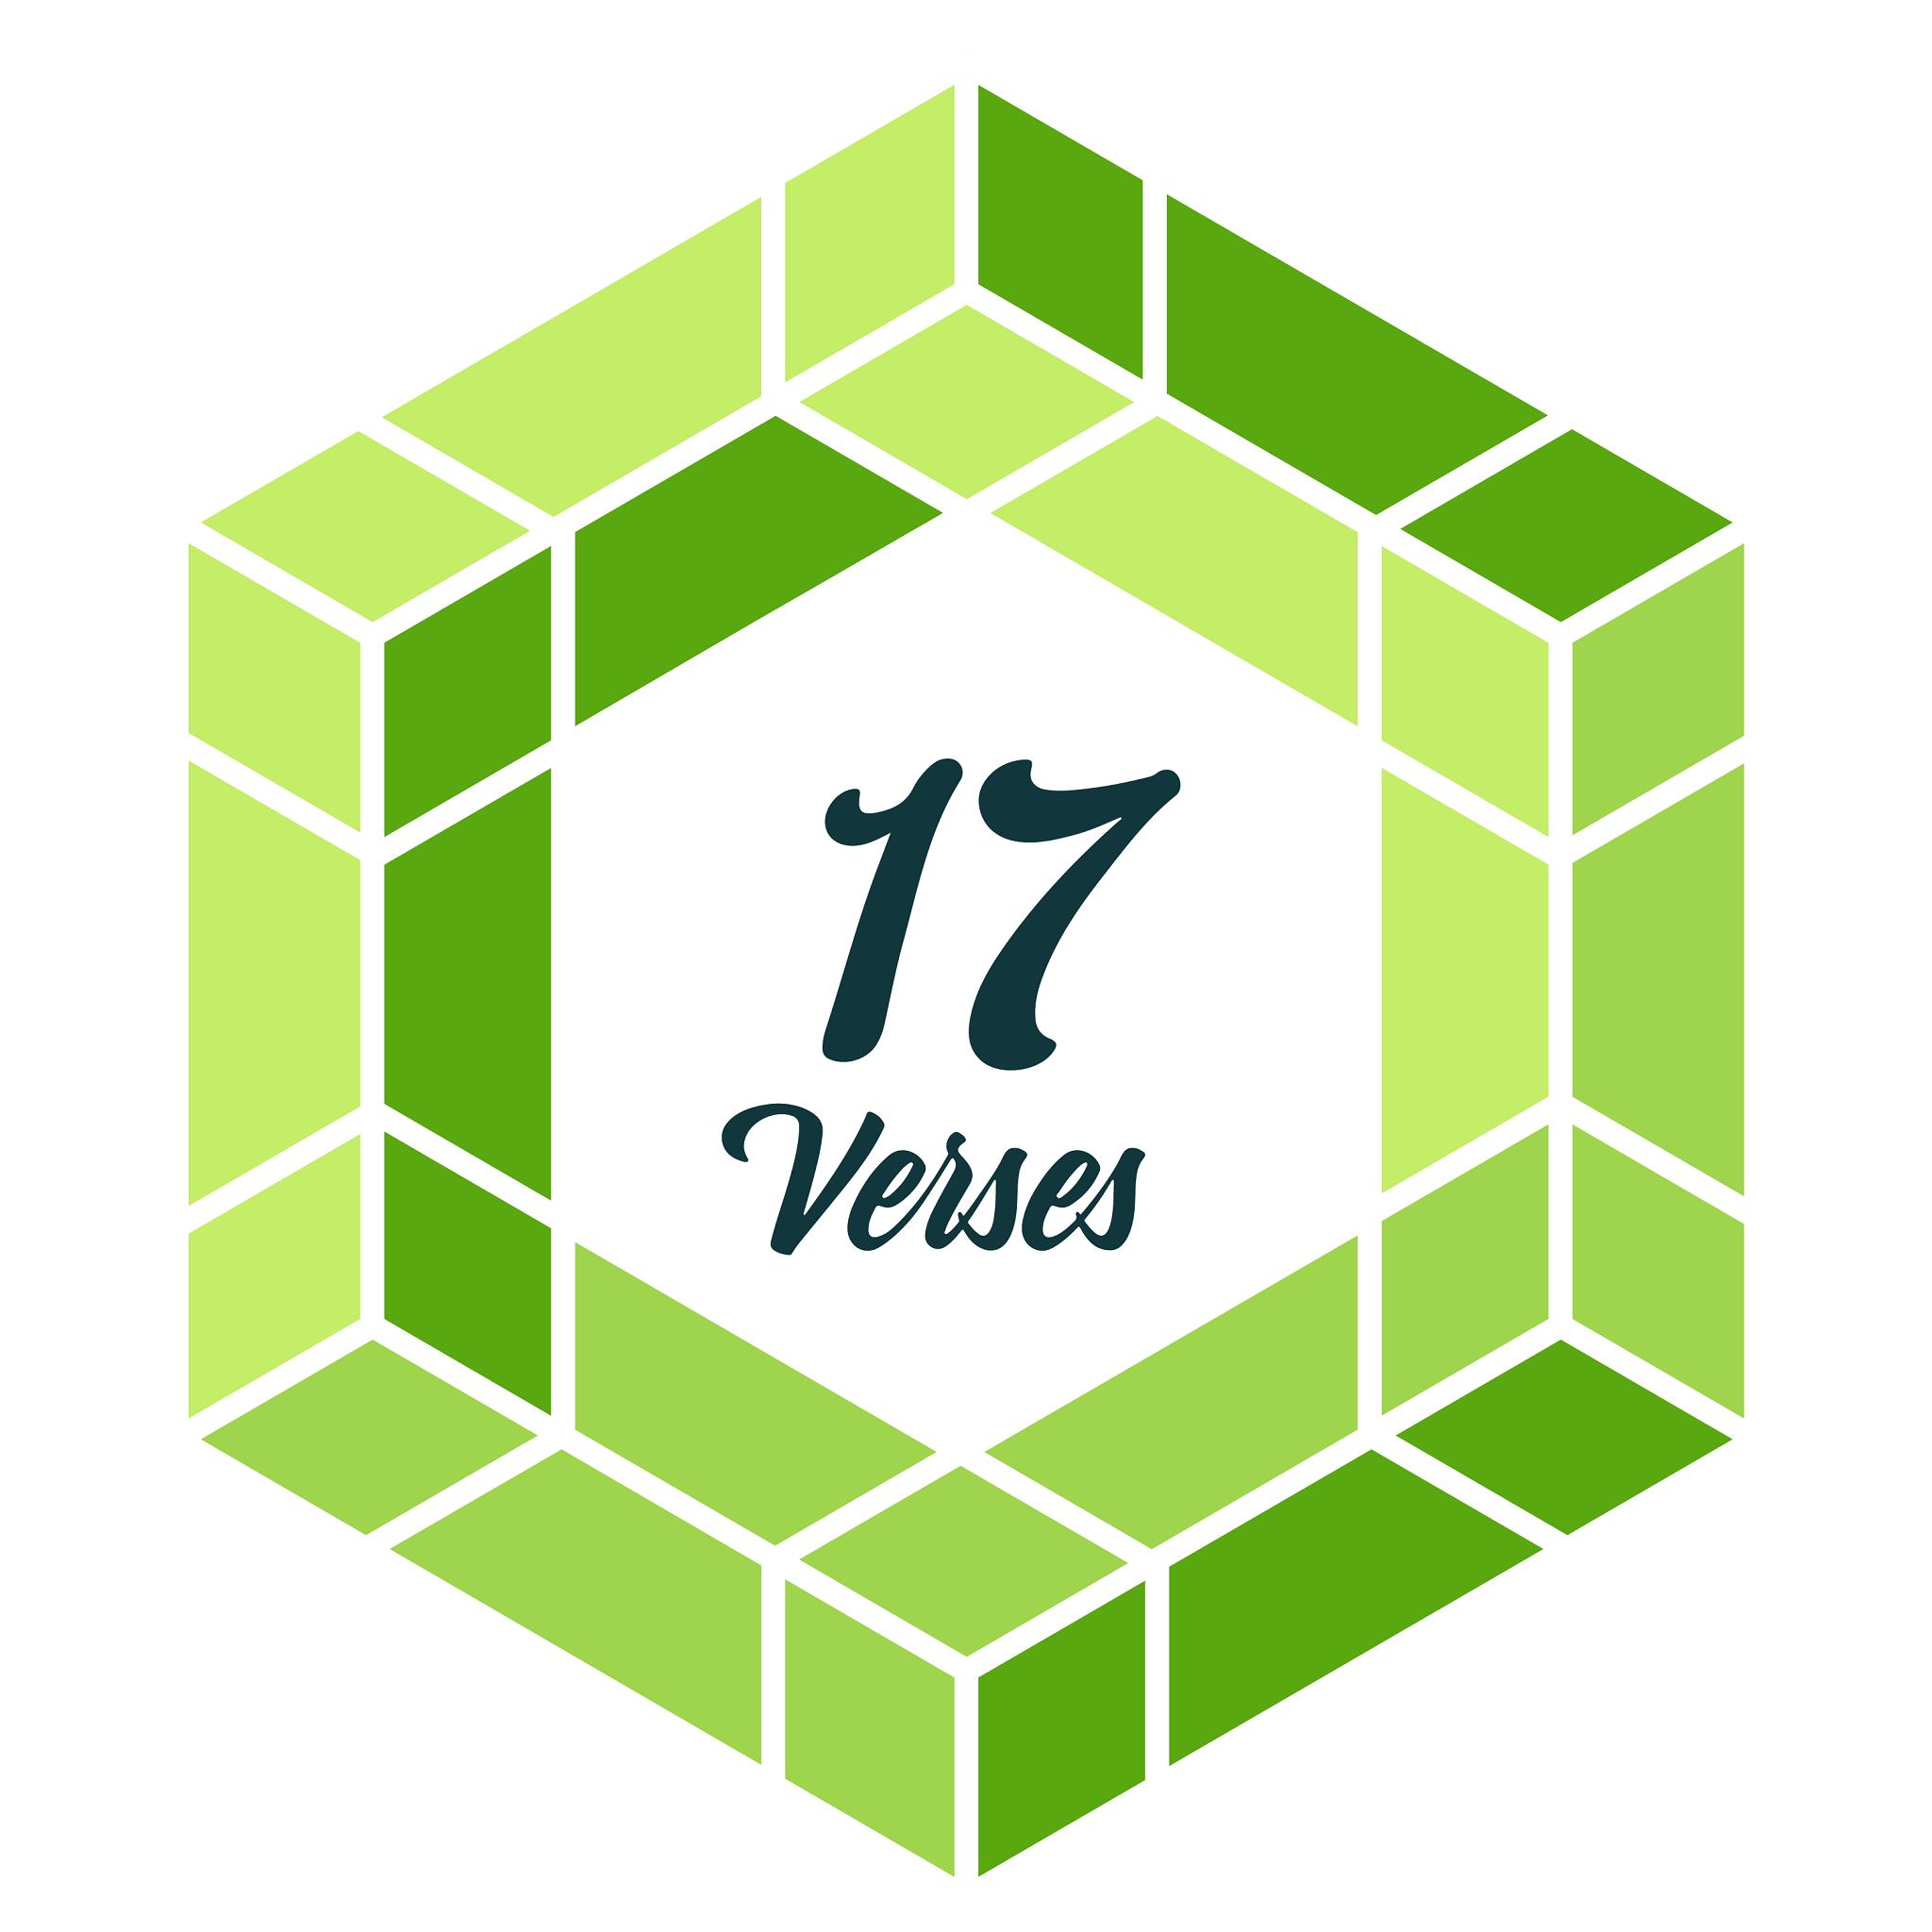 Year 2 - Surah 15 (Al-Hijr), Verses 80-99